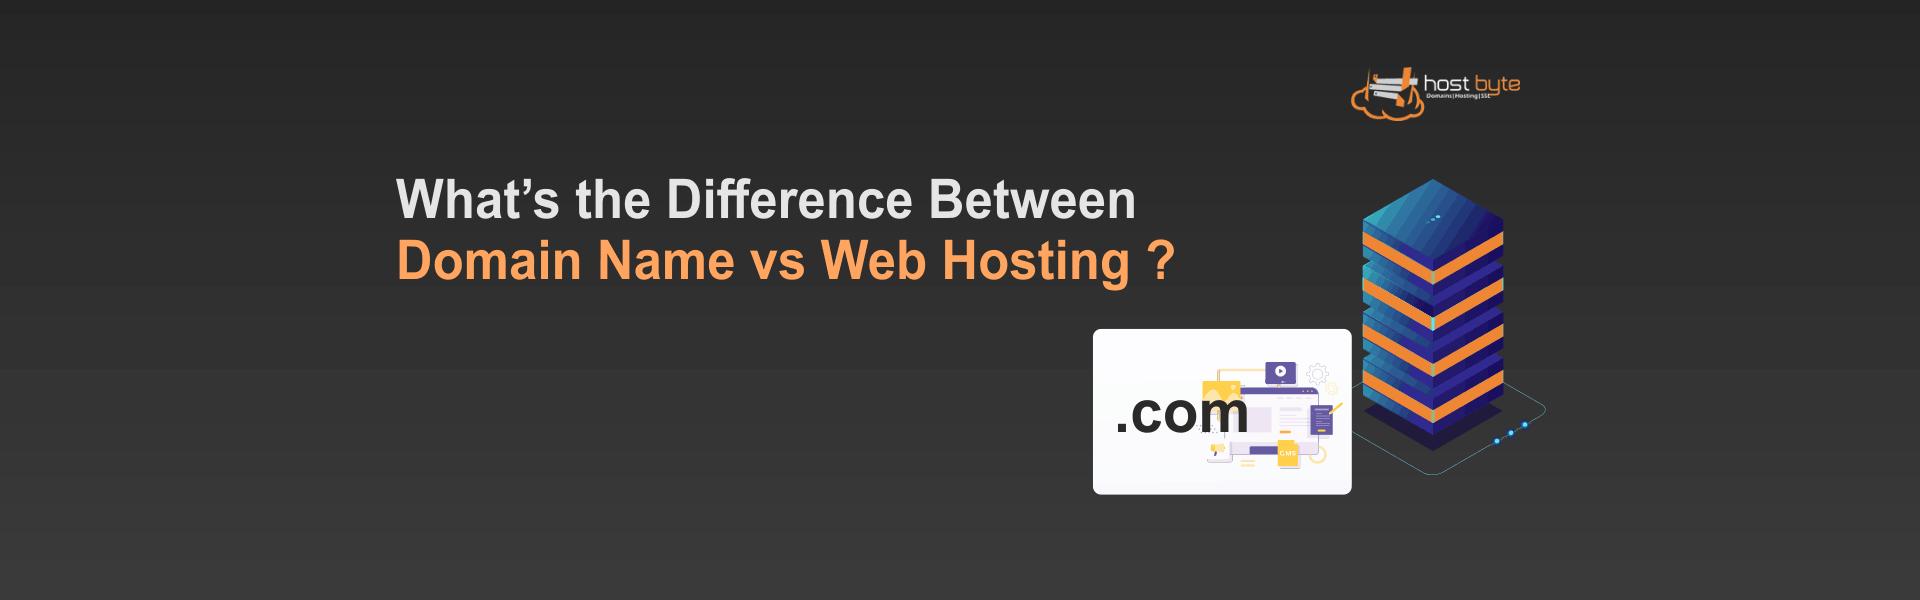 Domain Name vs Web Hosting